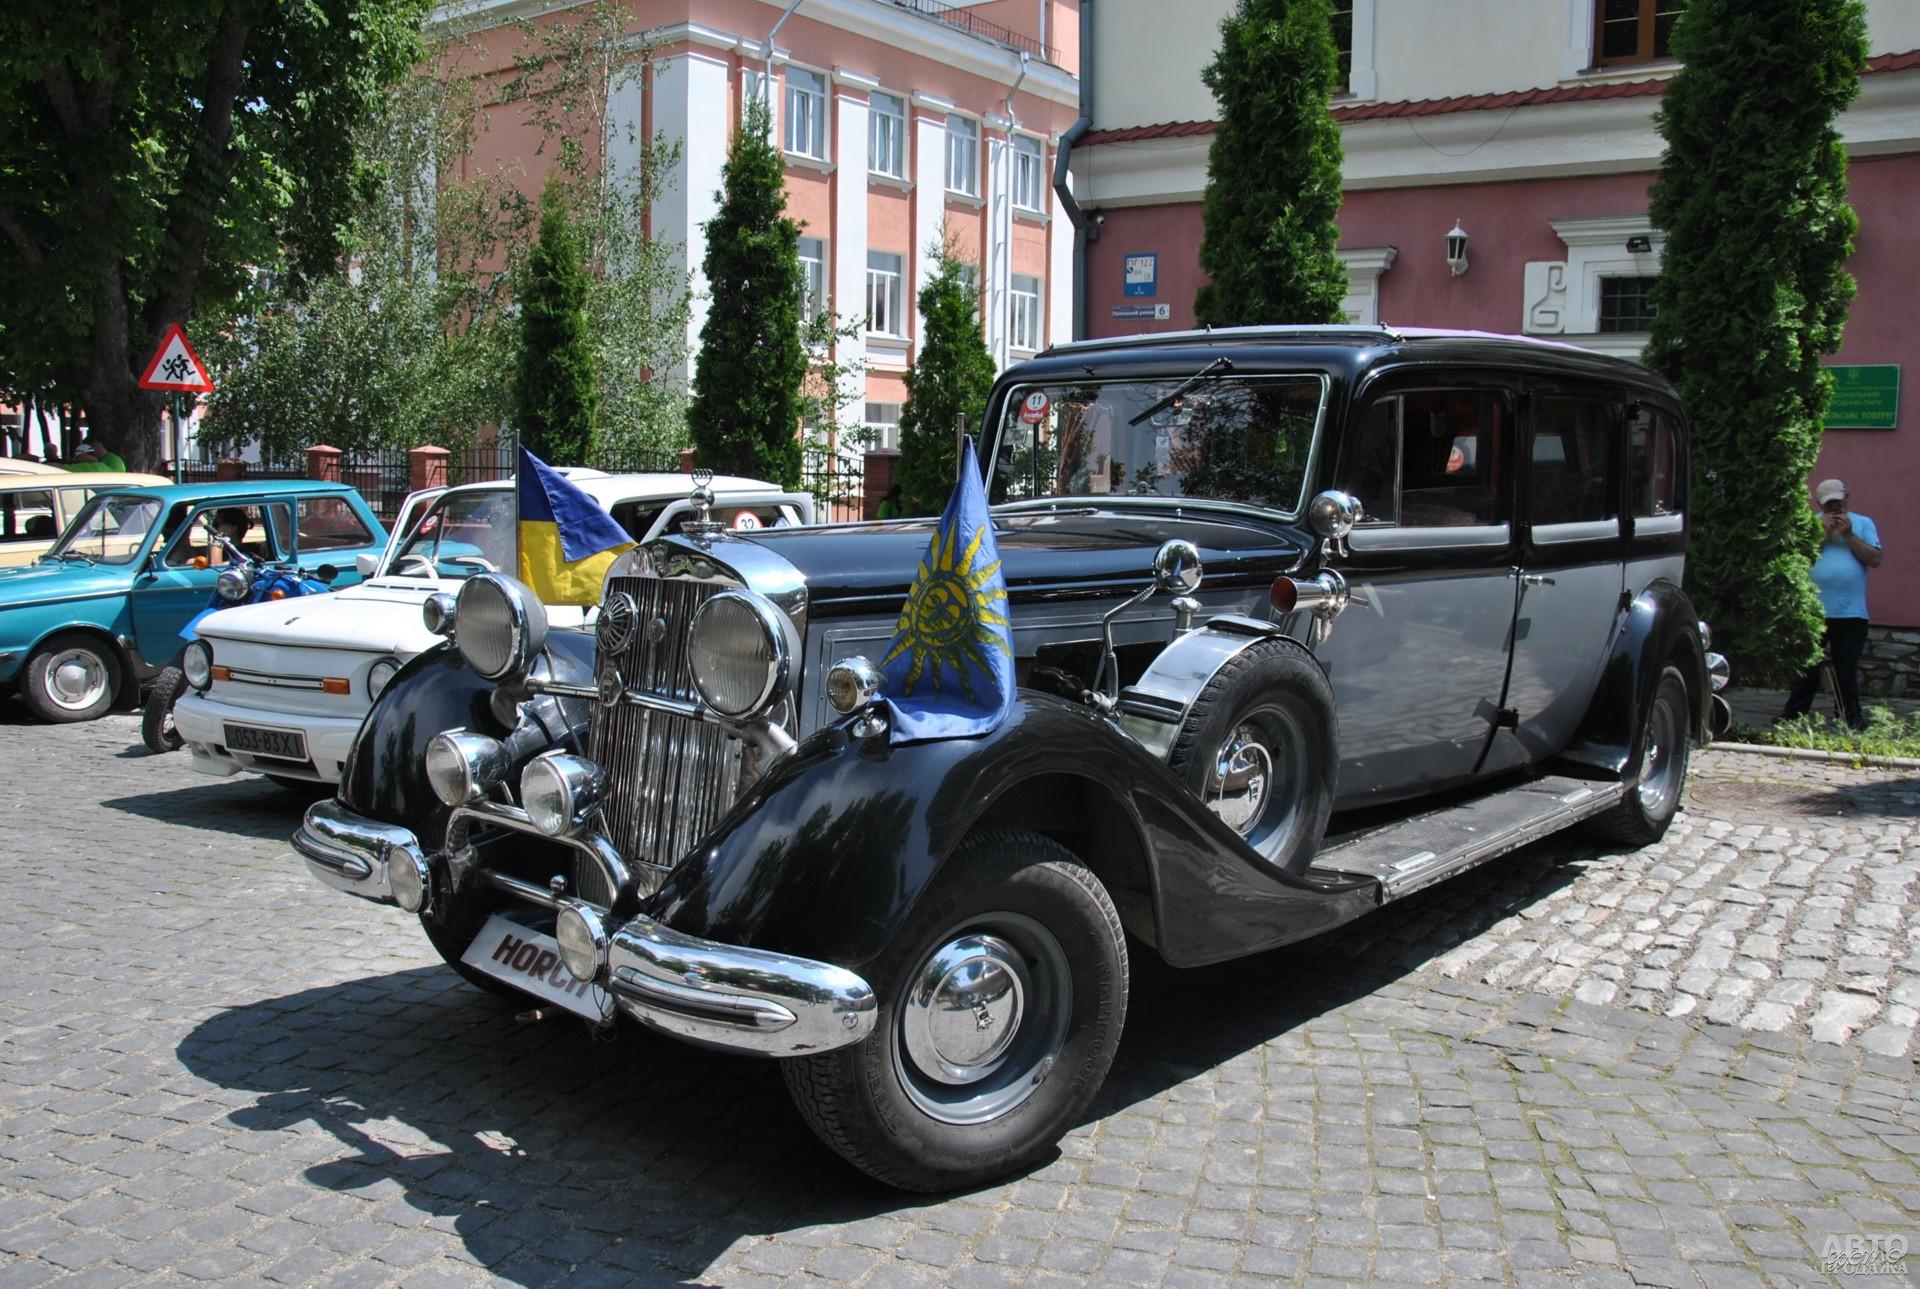 Звезда шоу - лимузин Horch 951